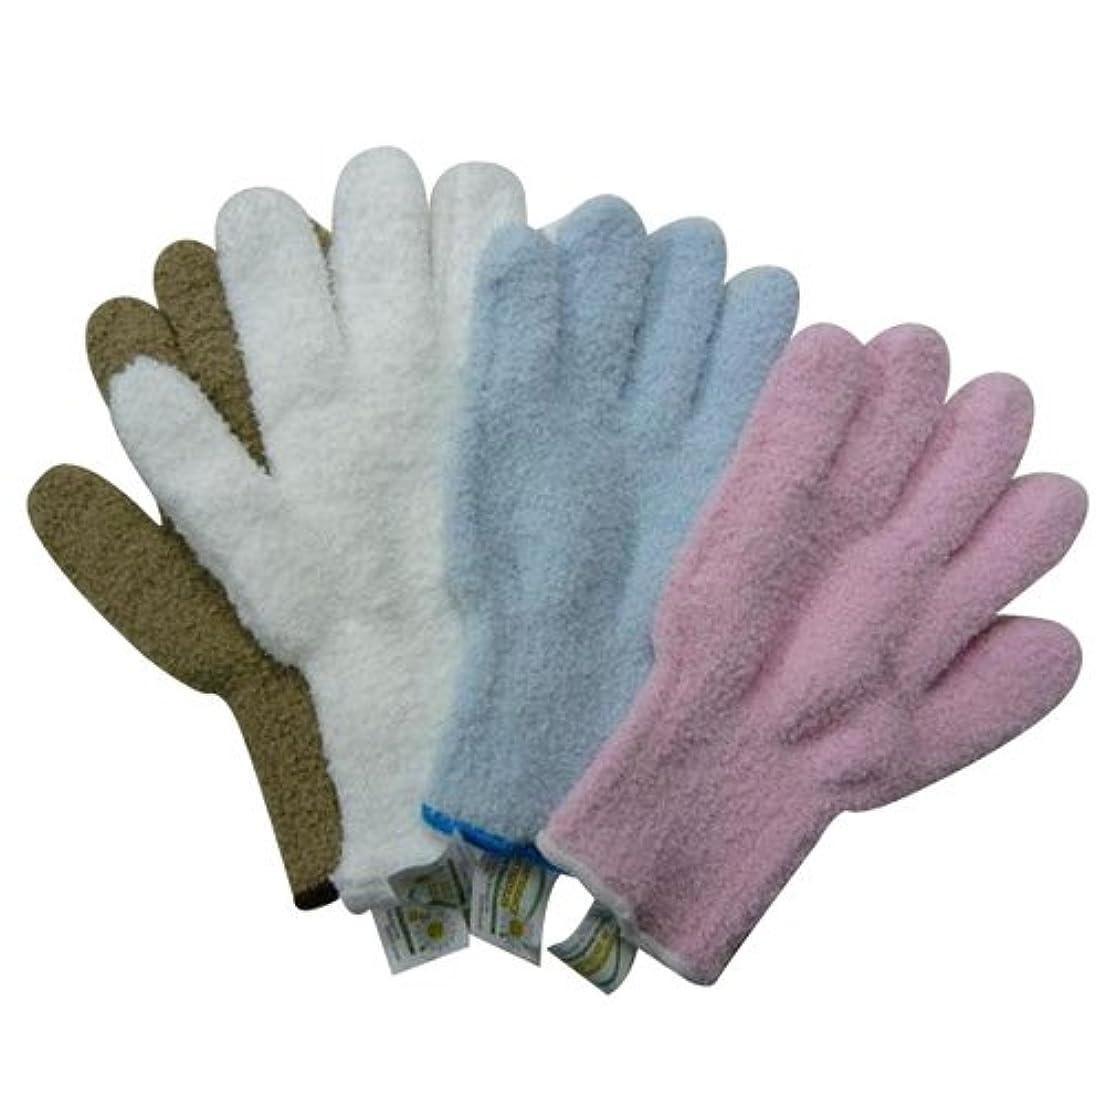 セクションインタネットを見る鎮痛剤ウルトラ?マイクロファイバー手袋 エコテックスタグ付き×4色セット(KE702-WH?SB?BE?PK) 5007an